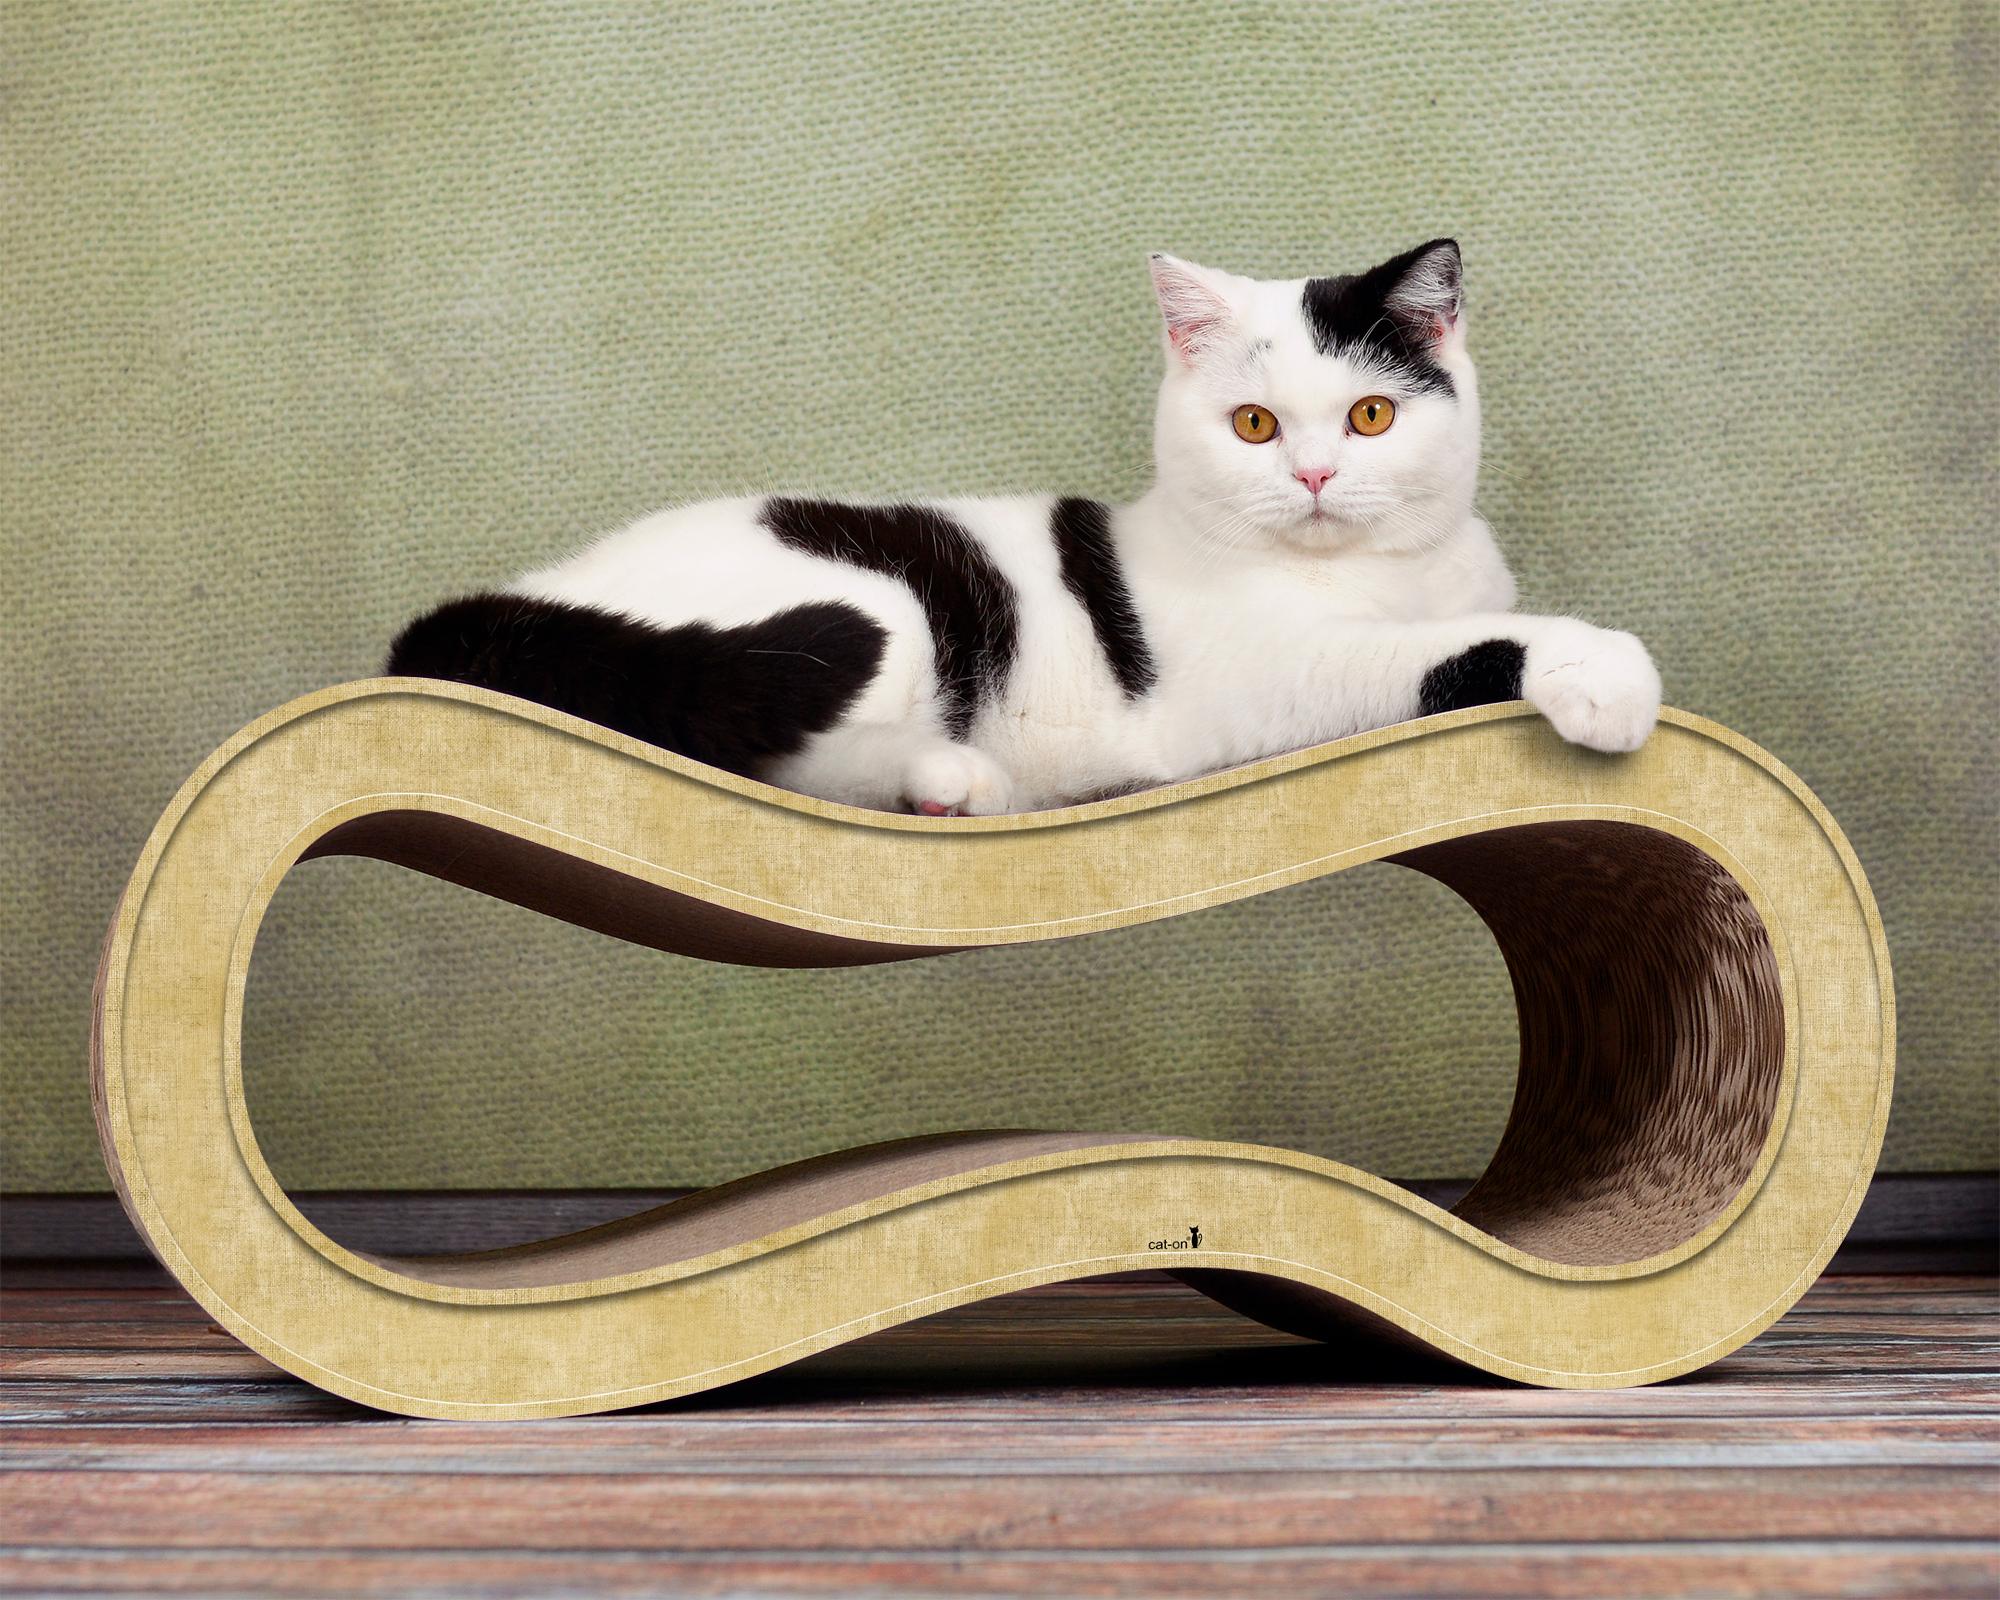 Design Katzenmöbel aus Wellpappe Singha M - Farbe: 005 sand